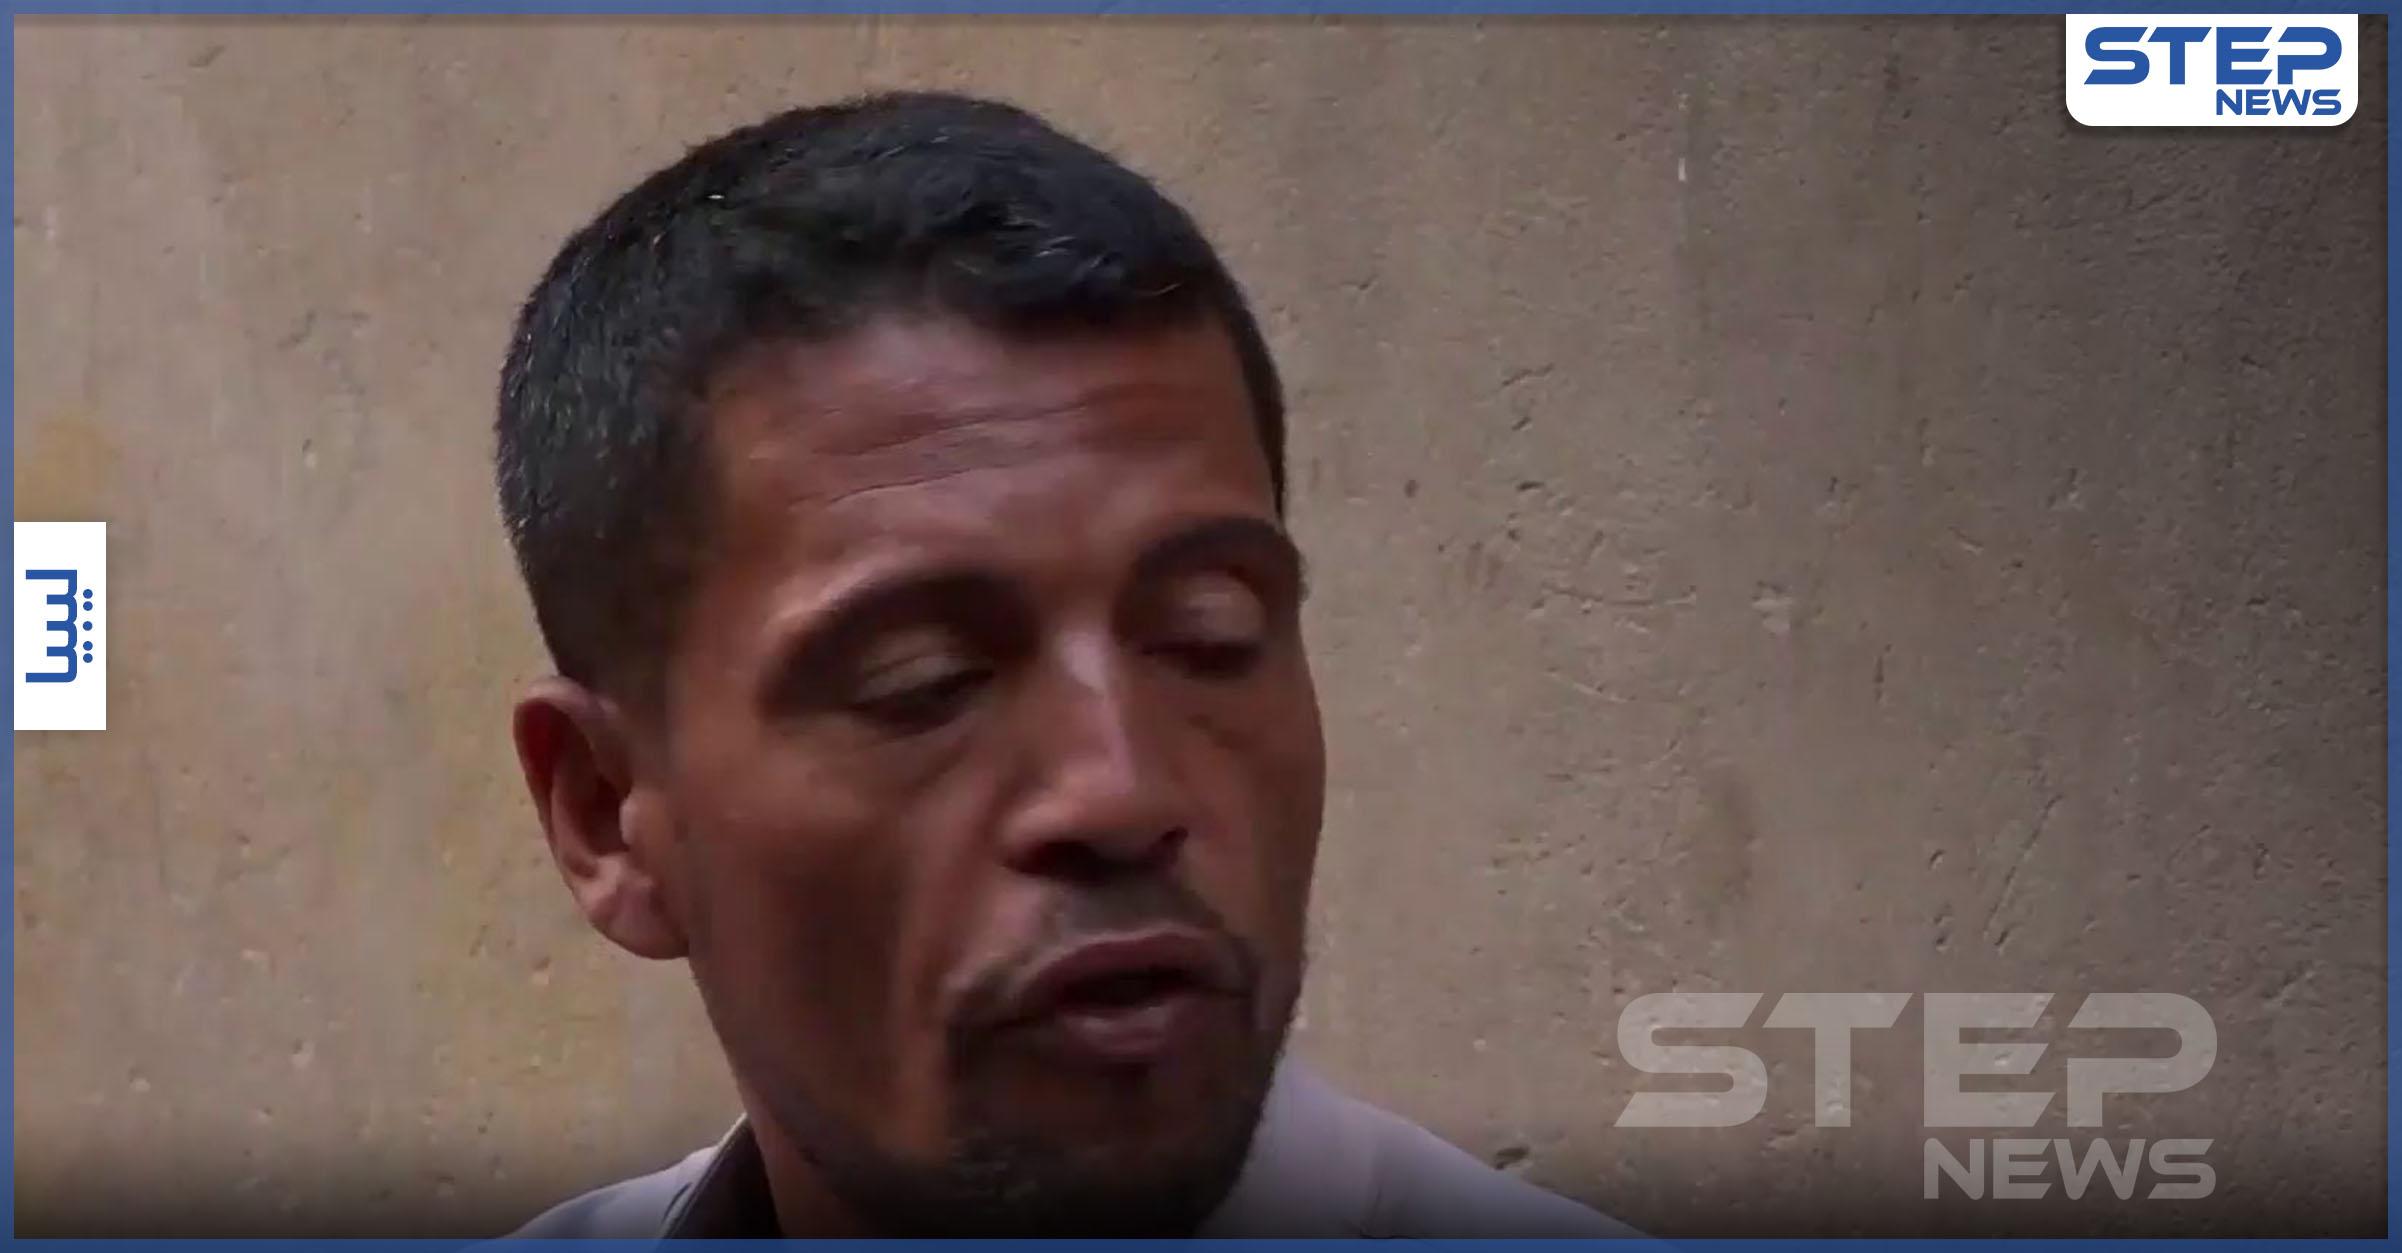 مصري مفرج عنه يكشف تفاصيل اختطافه وتعذيبه على يد الميليشيات